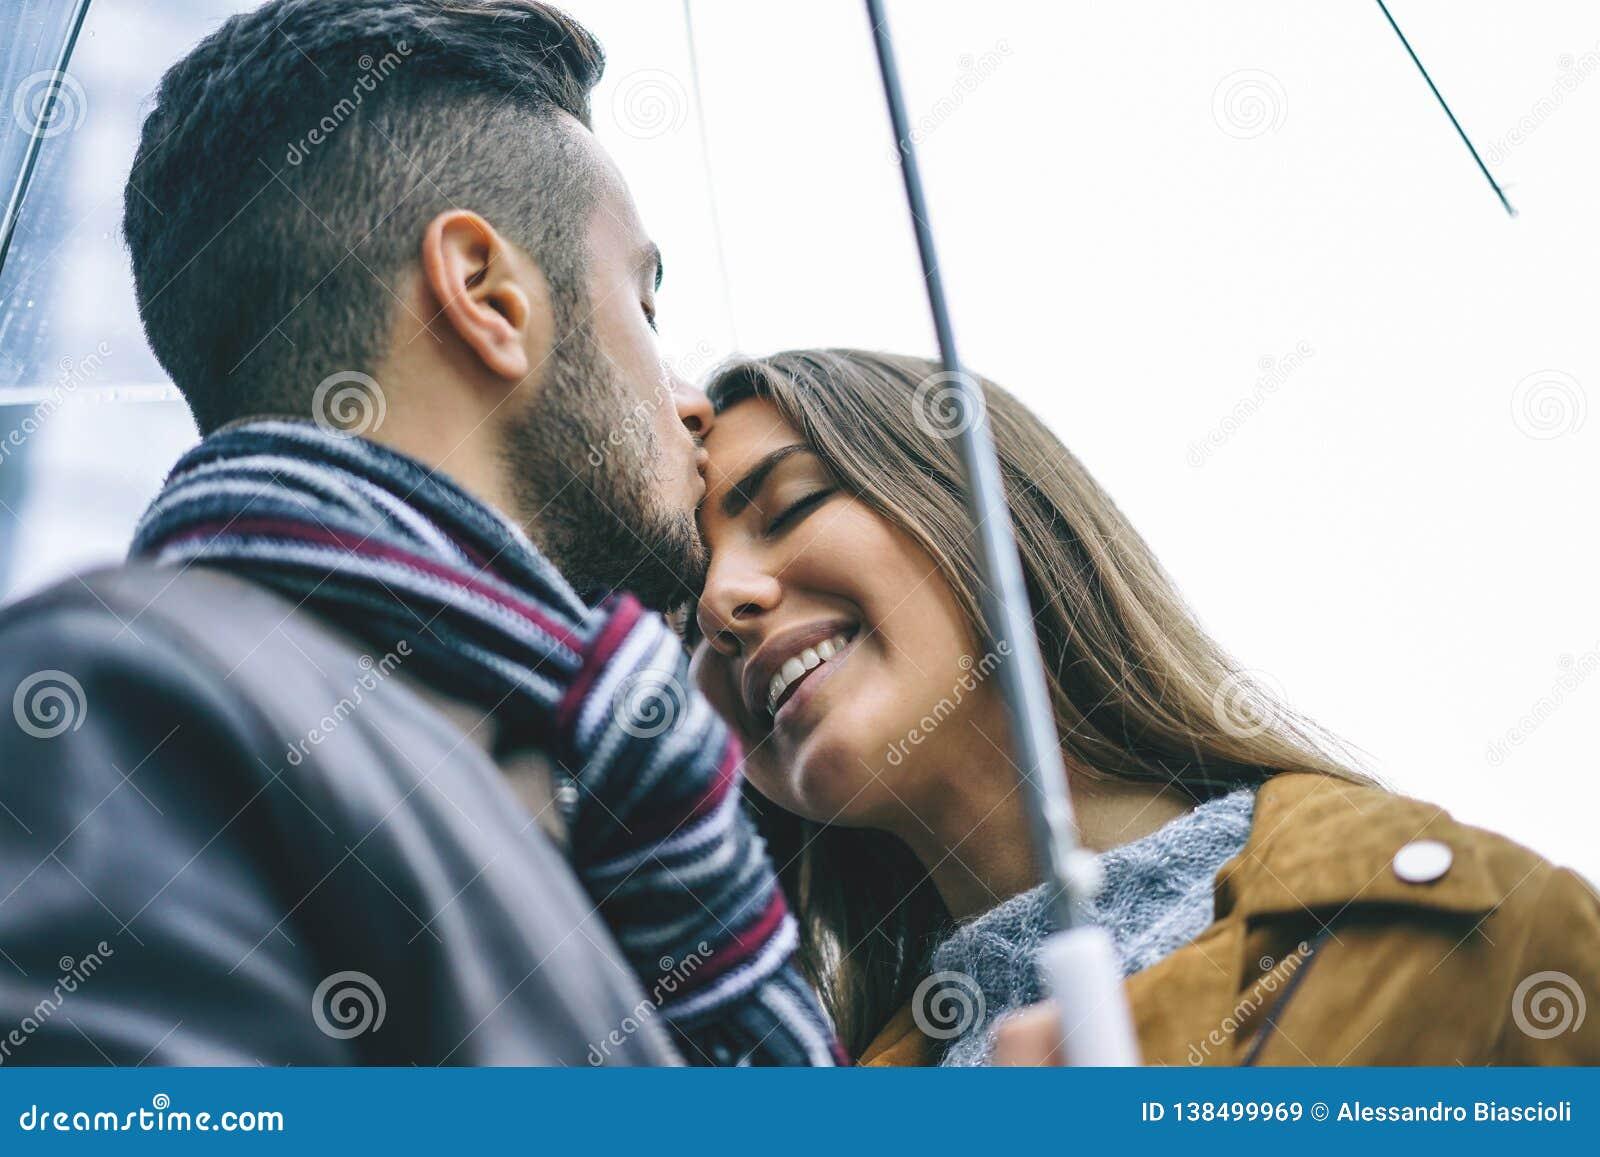 Szczęśliwy pary całowanie pod parasolem w deszczowym dniu miłość, ludzie, - Przystojny mężczyzny buziak jego czoło dziewczyna pod